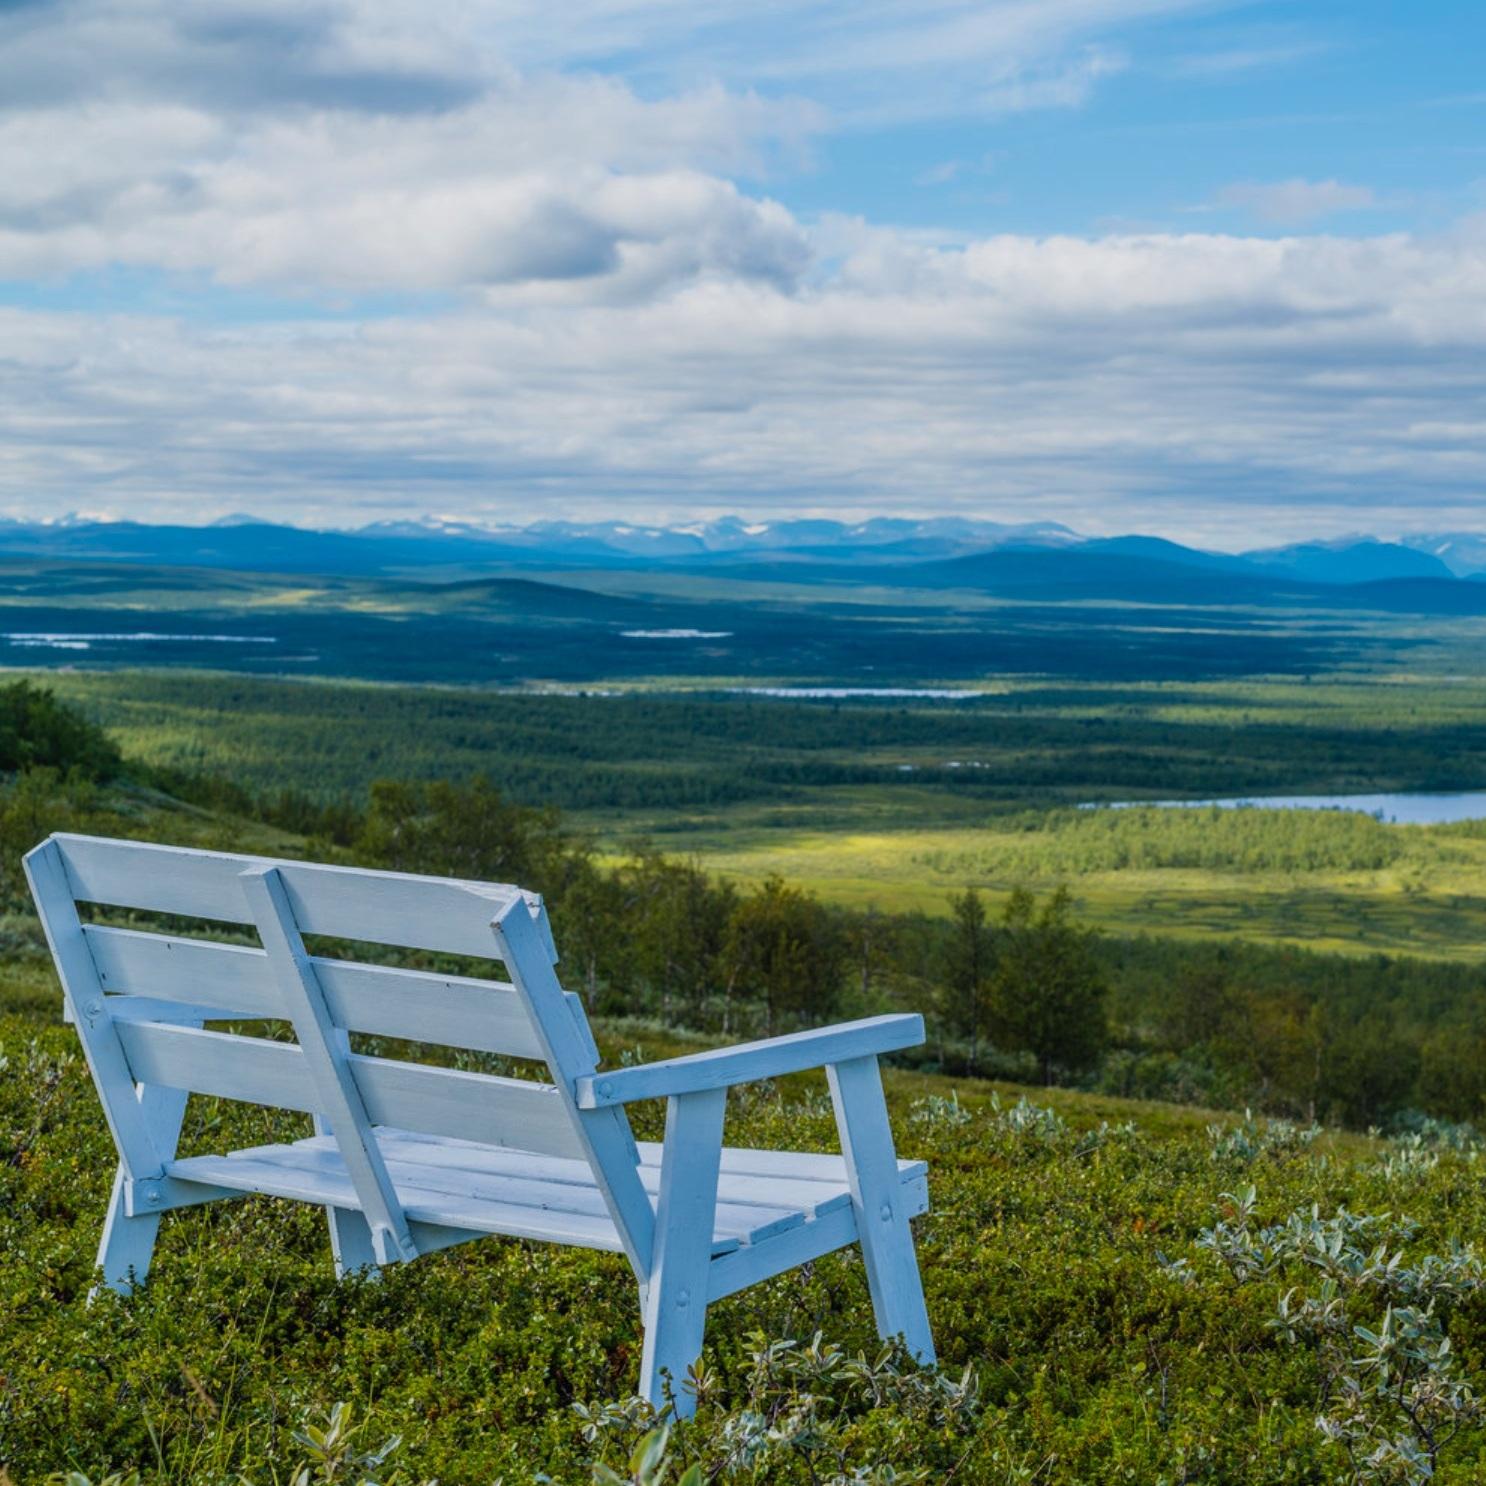 NORd - Här hittar du våra egna och svenskarnas bästa tips på vackra omvägar, loppisar, bad och barnvänliga platser med mera i norra Sverige.